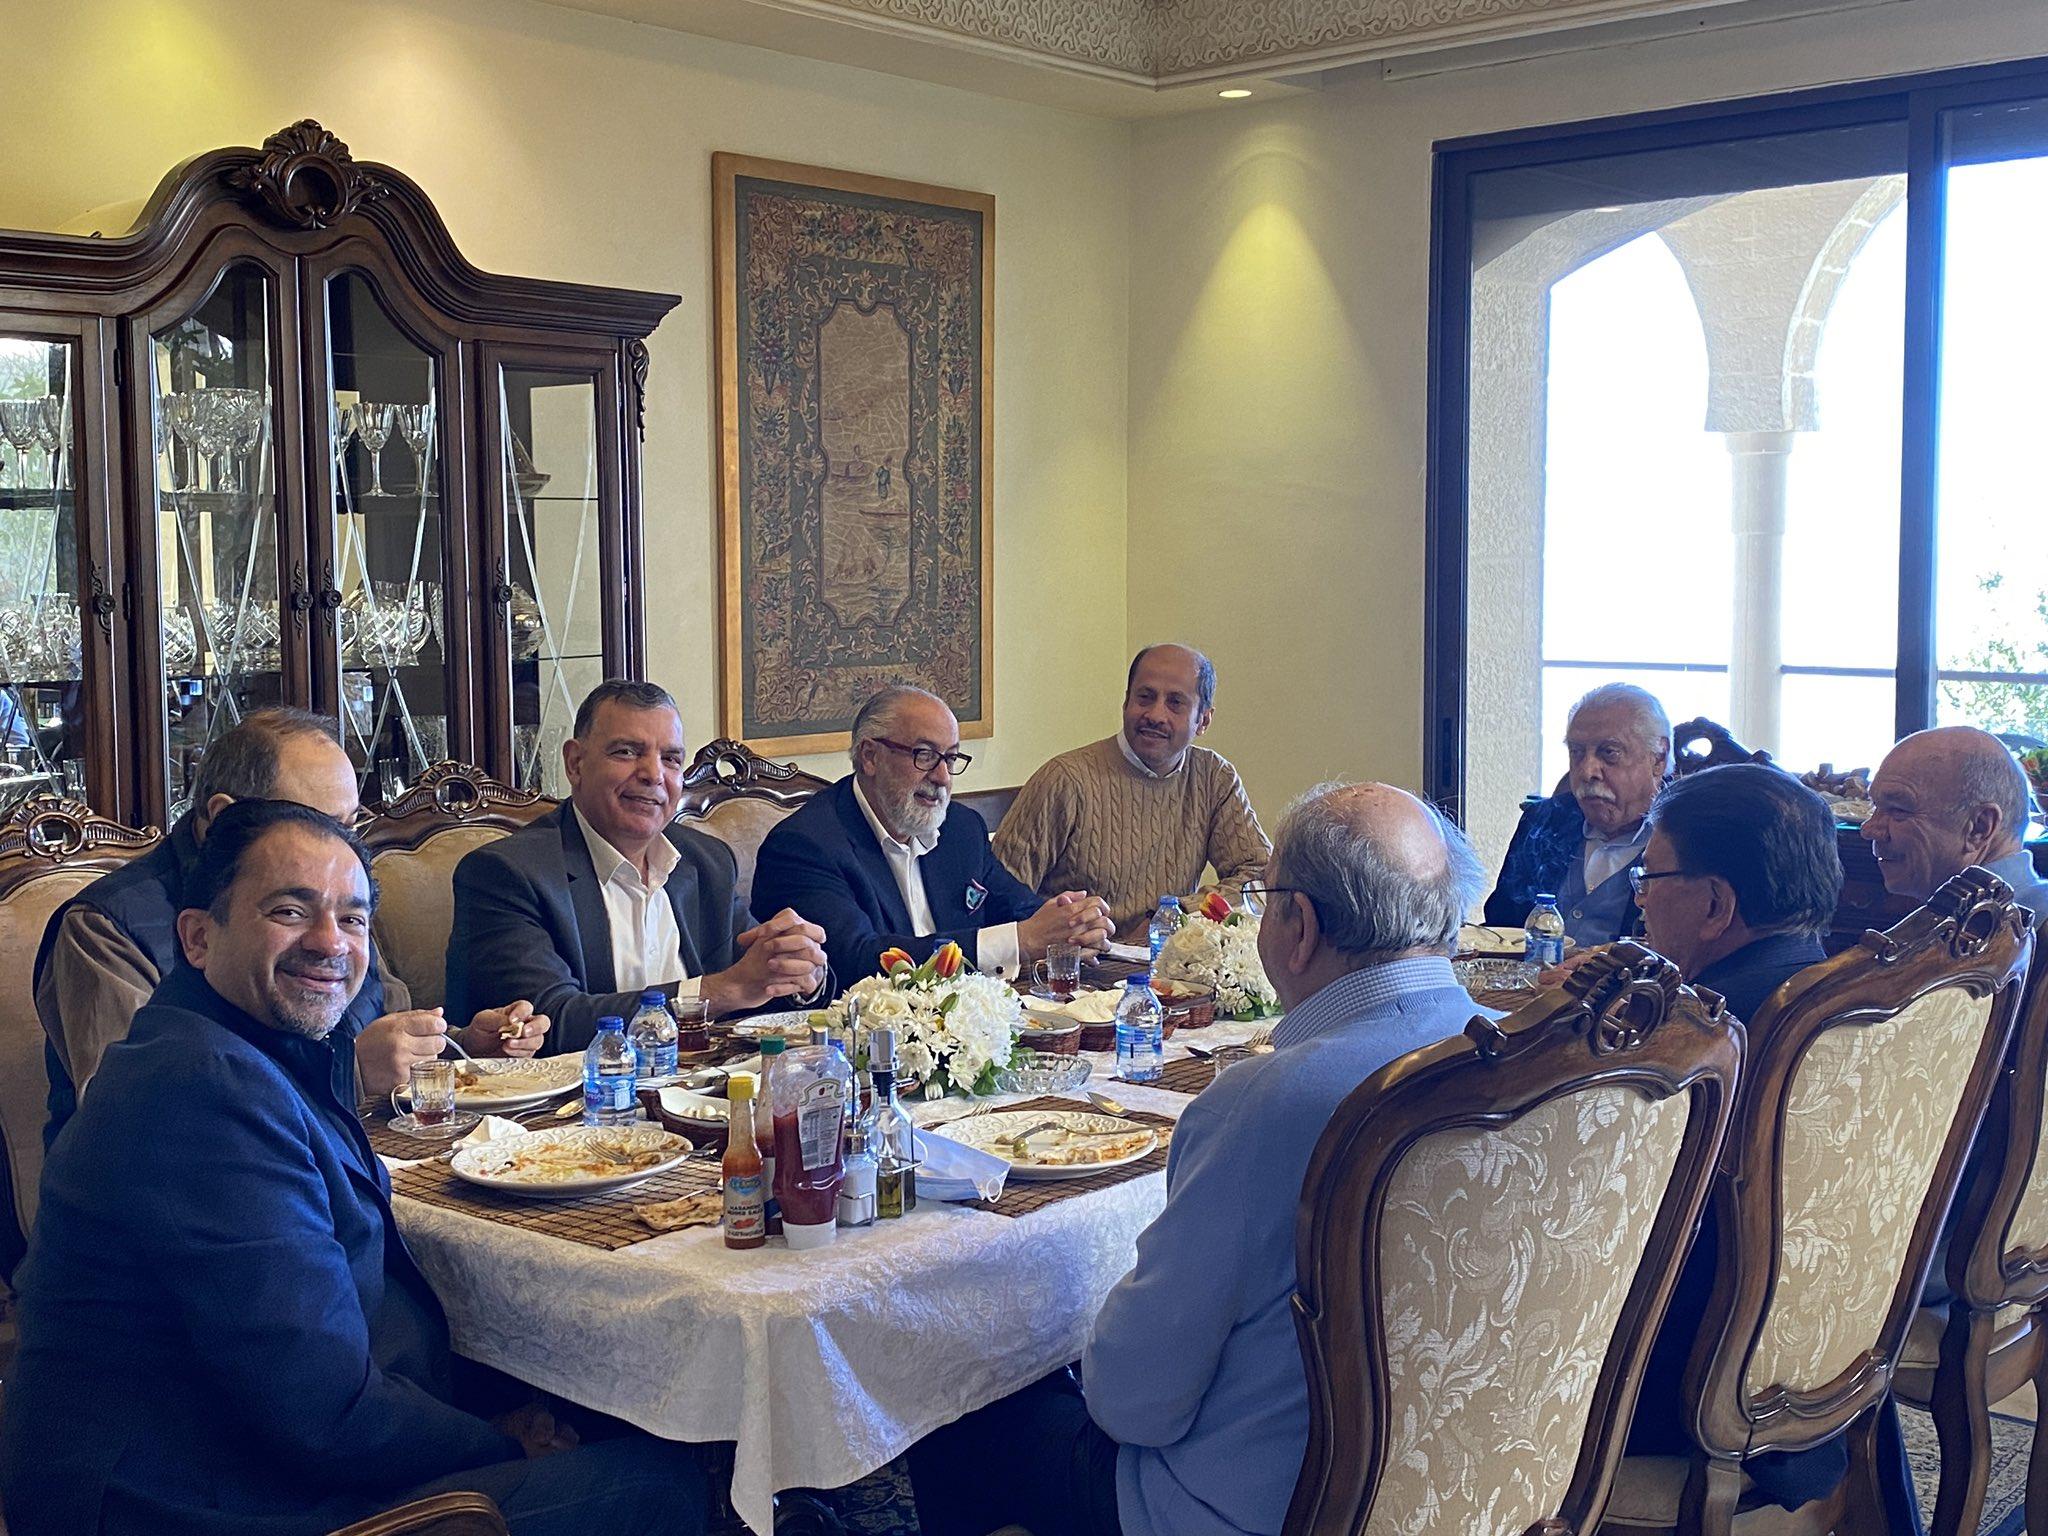 السفير السعودي يستضيف شخصيات أردنية في منزله